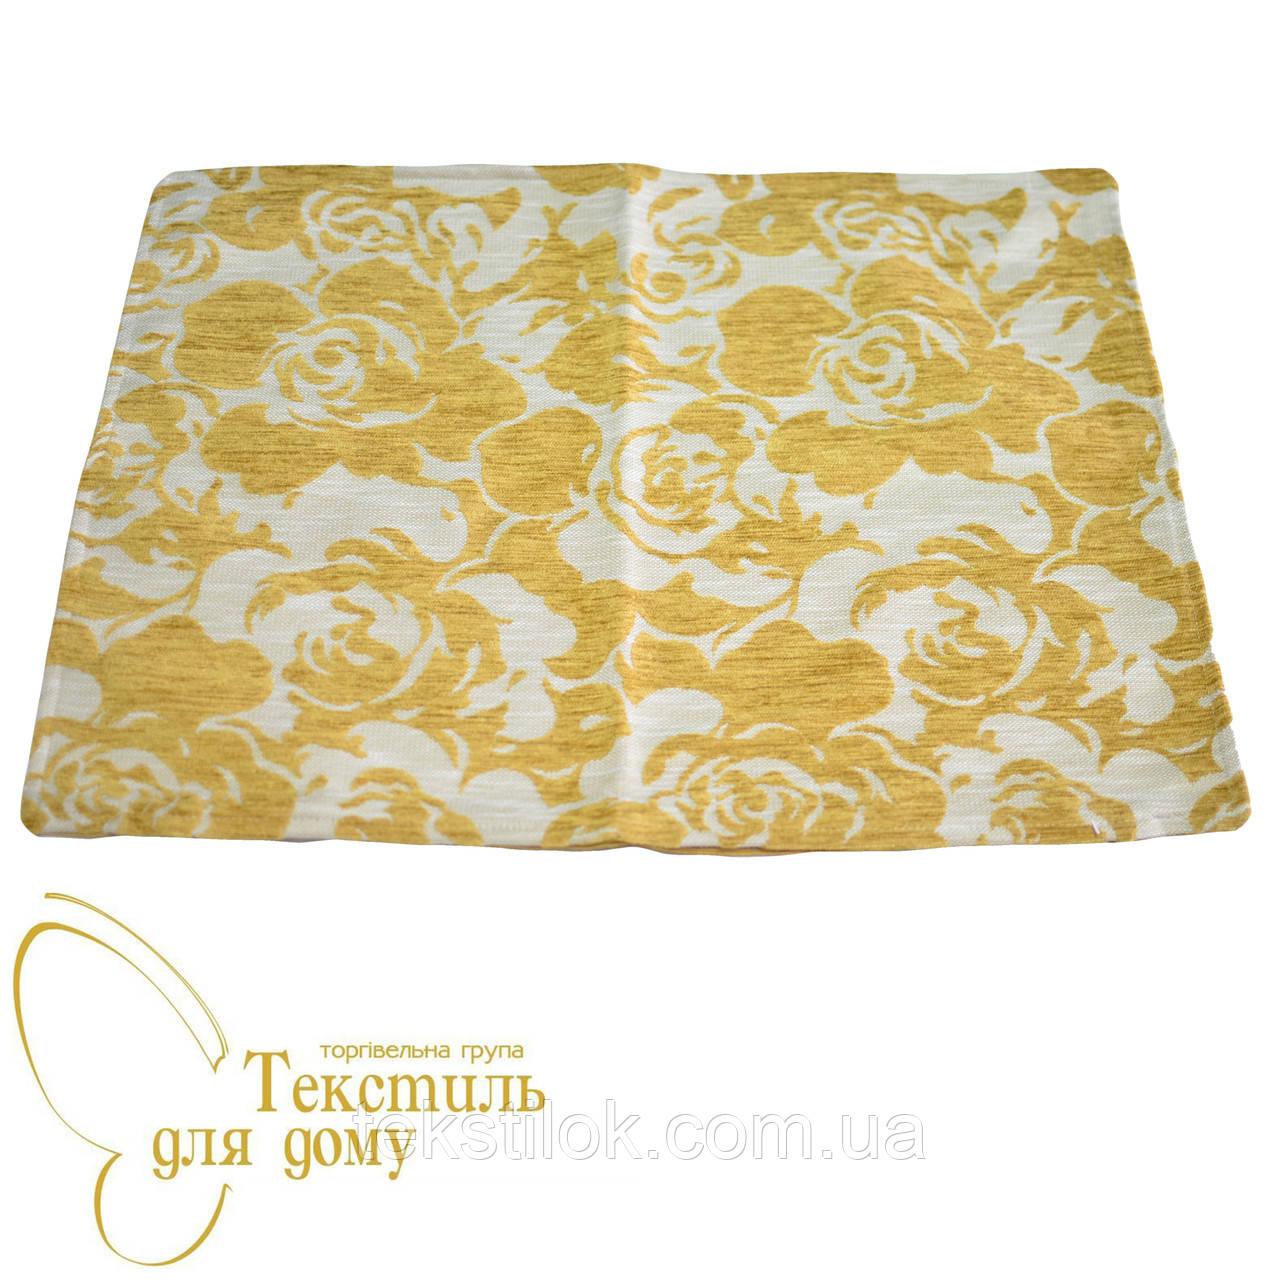 Наволочка декоративная рельефные цветы BURGAZ, 50*70, желтый